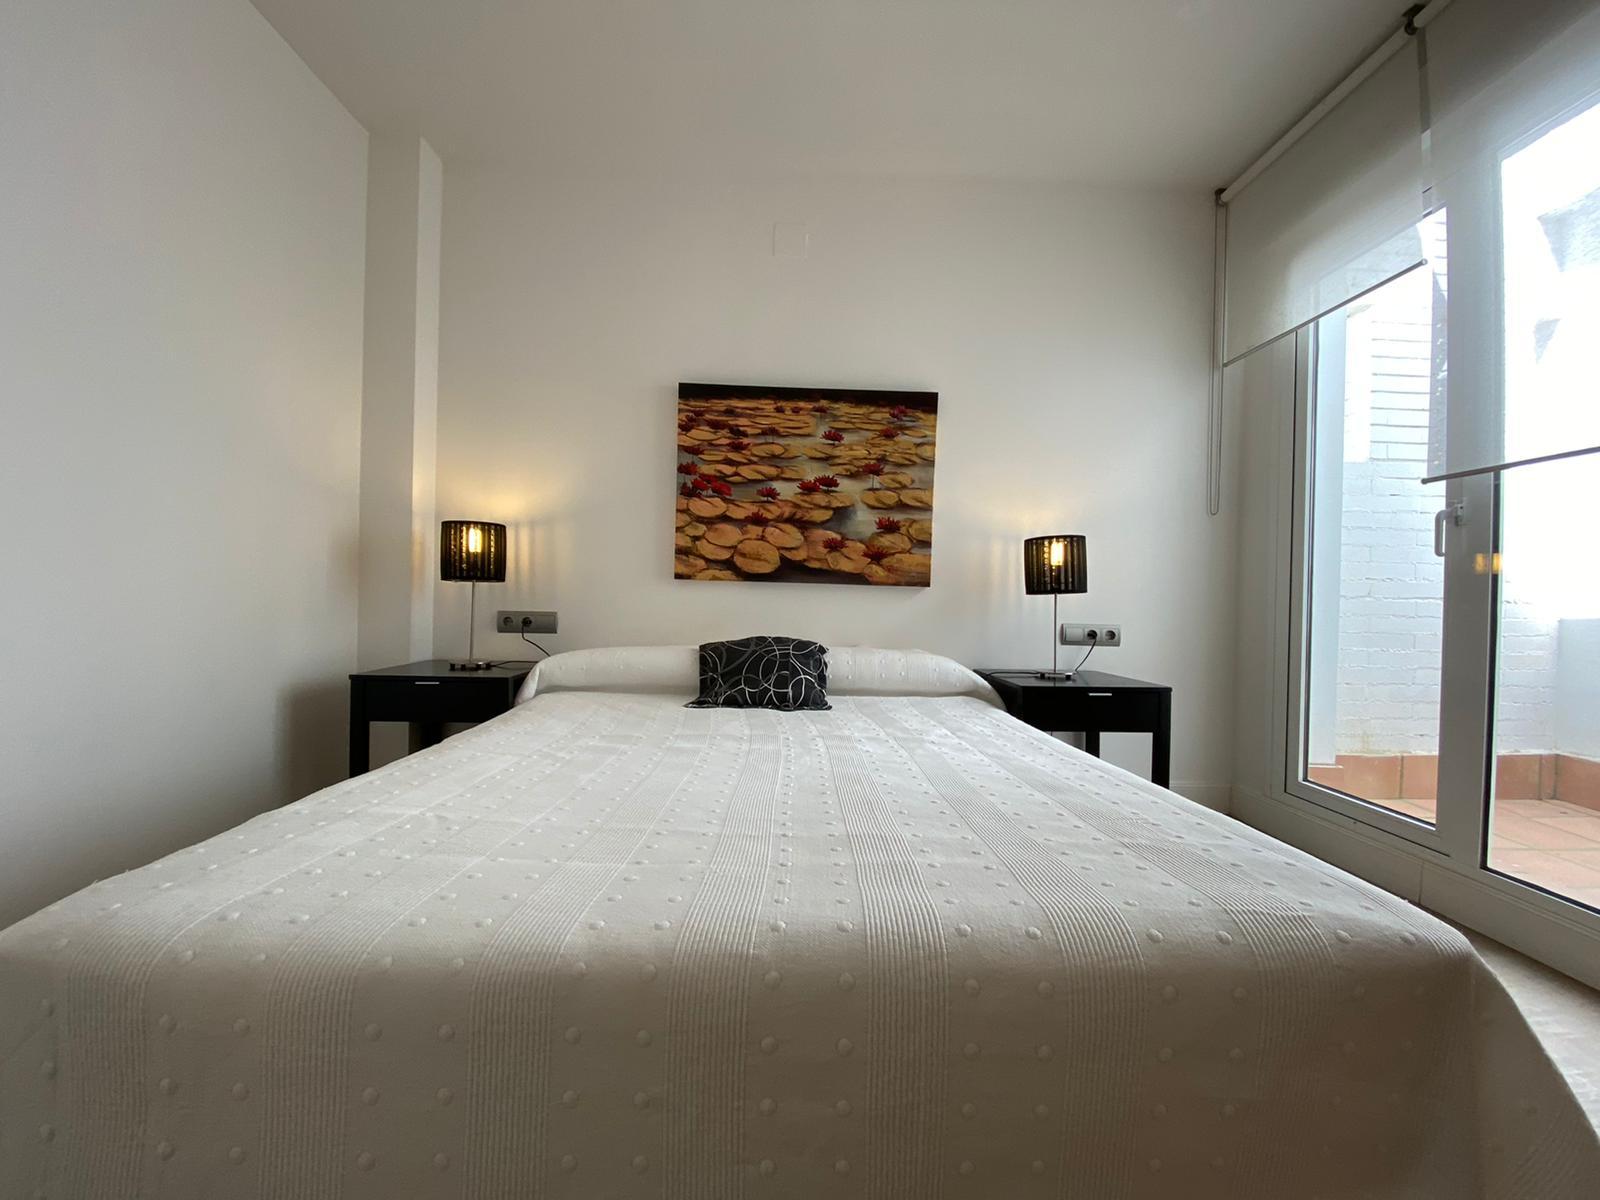 Imagen 15 del Apartamento Turístico, Ático 6 Poniente (3d+2b), Punta del Moral (HUELVA), Paseo de la Cruz nº22